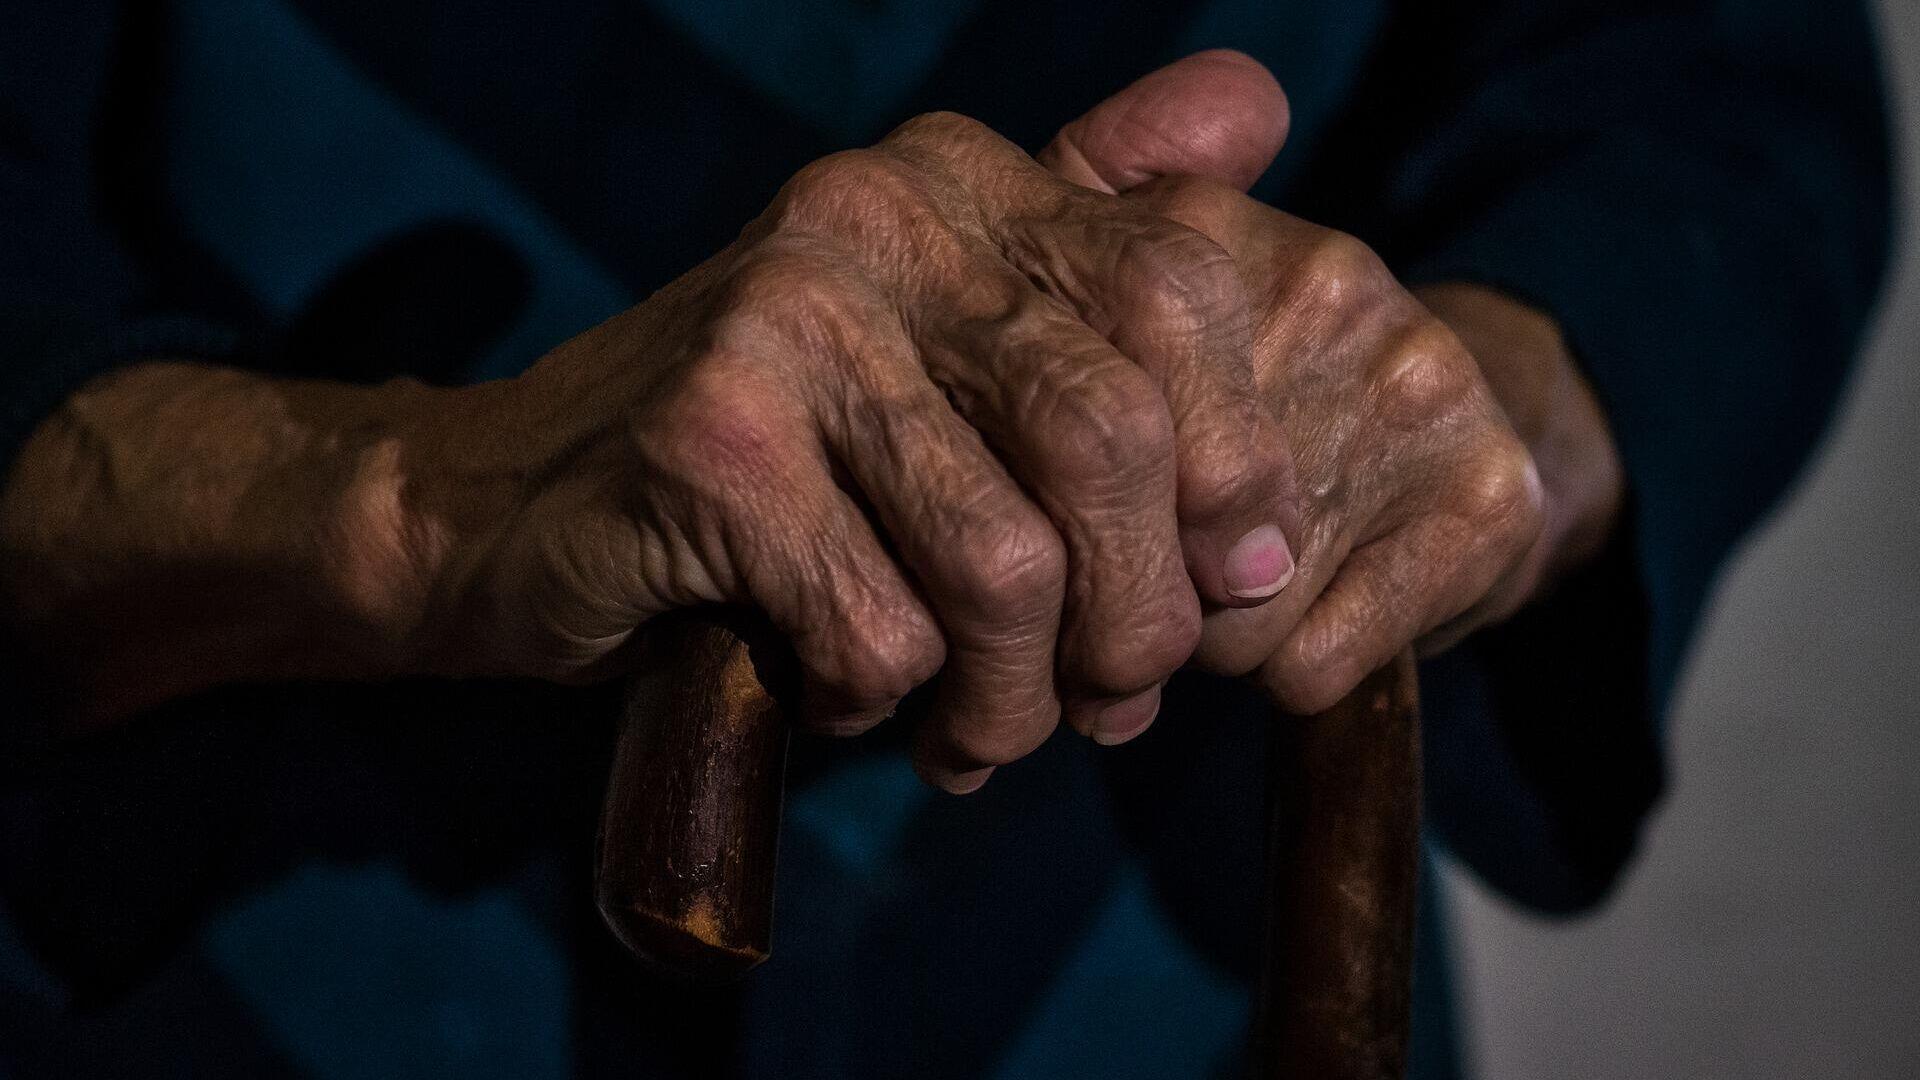 Old woman hands - Sputnik International, 1920, 23.09.2021